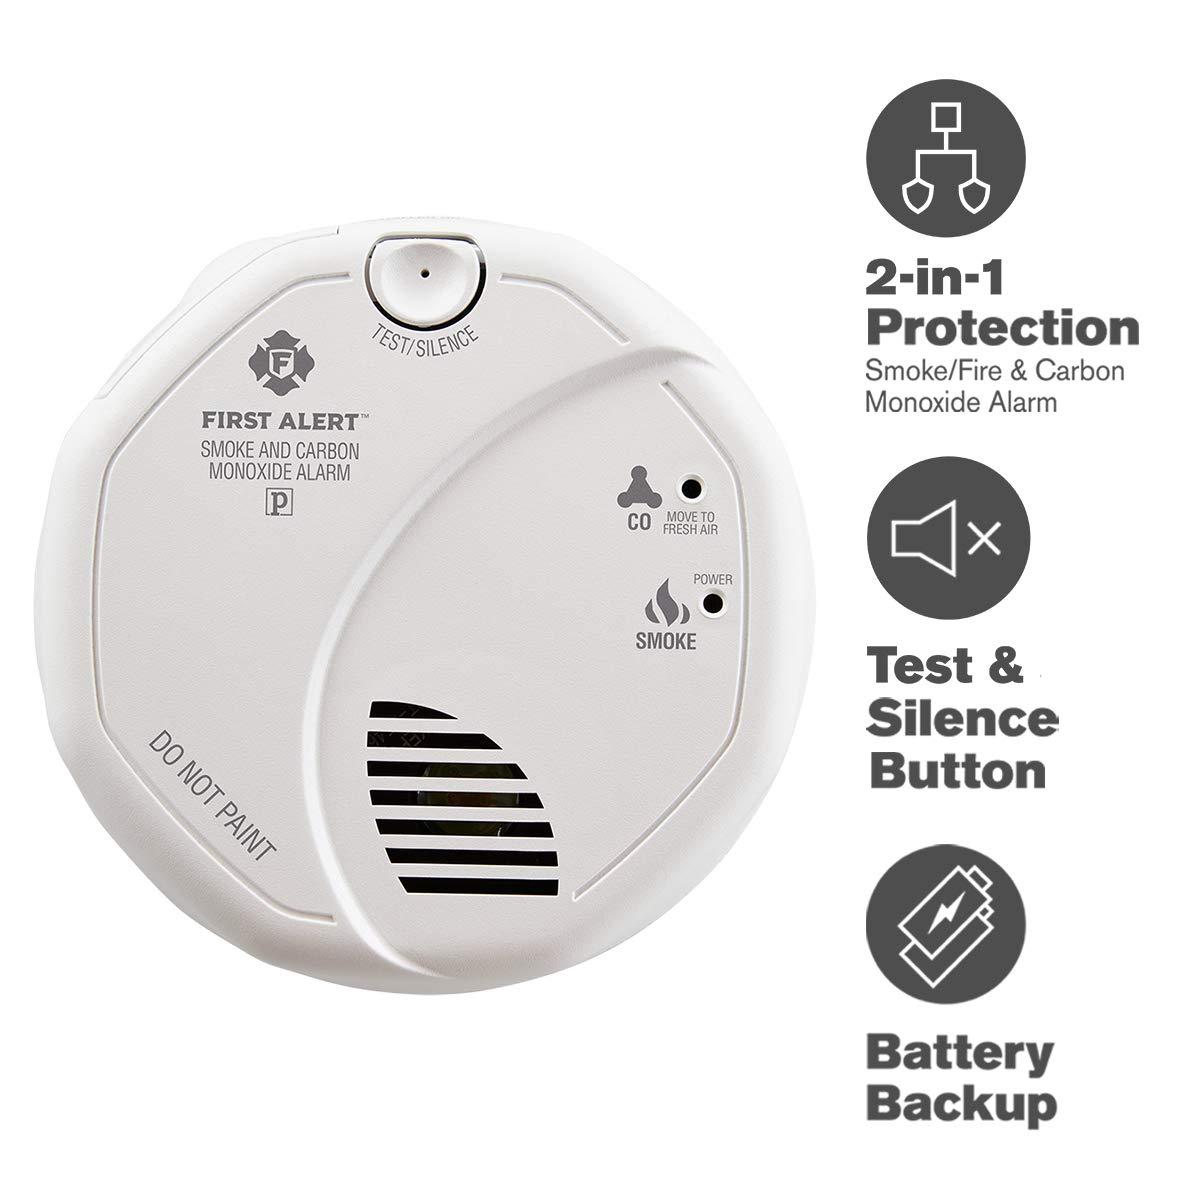 First Alert SC7010B Smoke Carbon Monoxide Detector, 1 pack, White